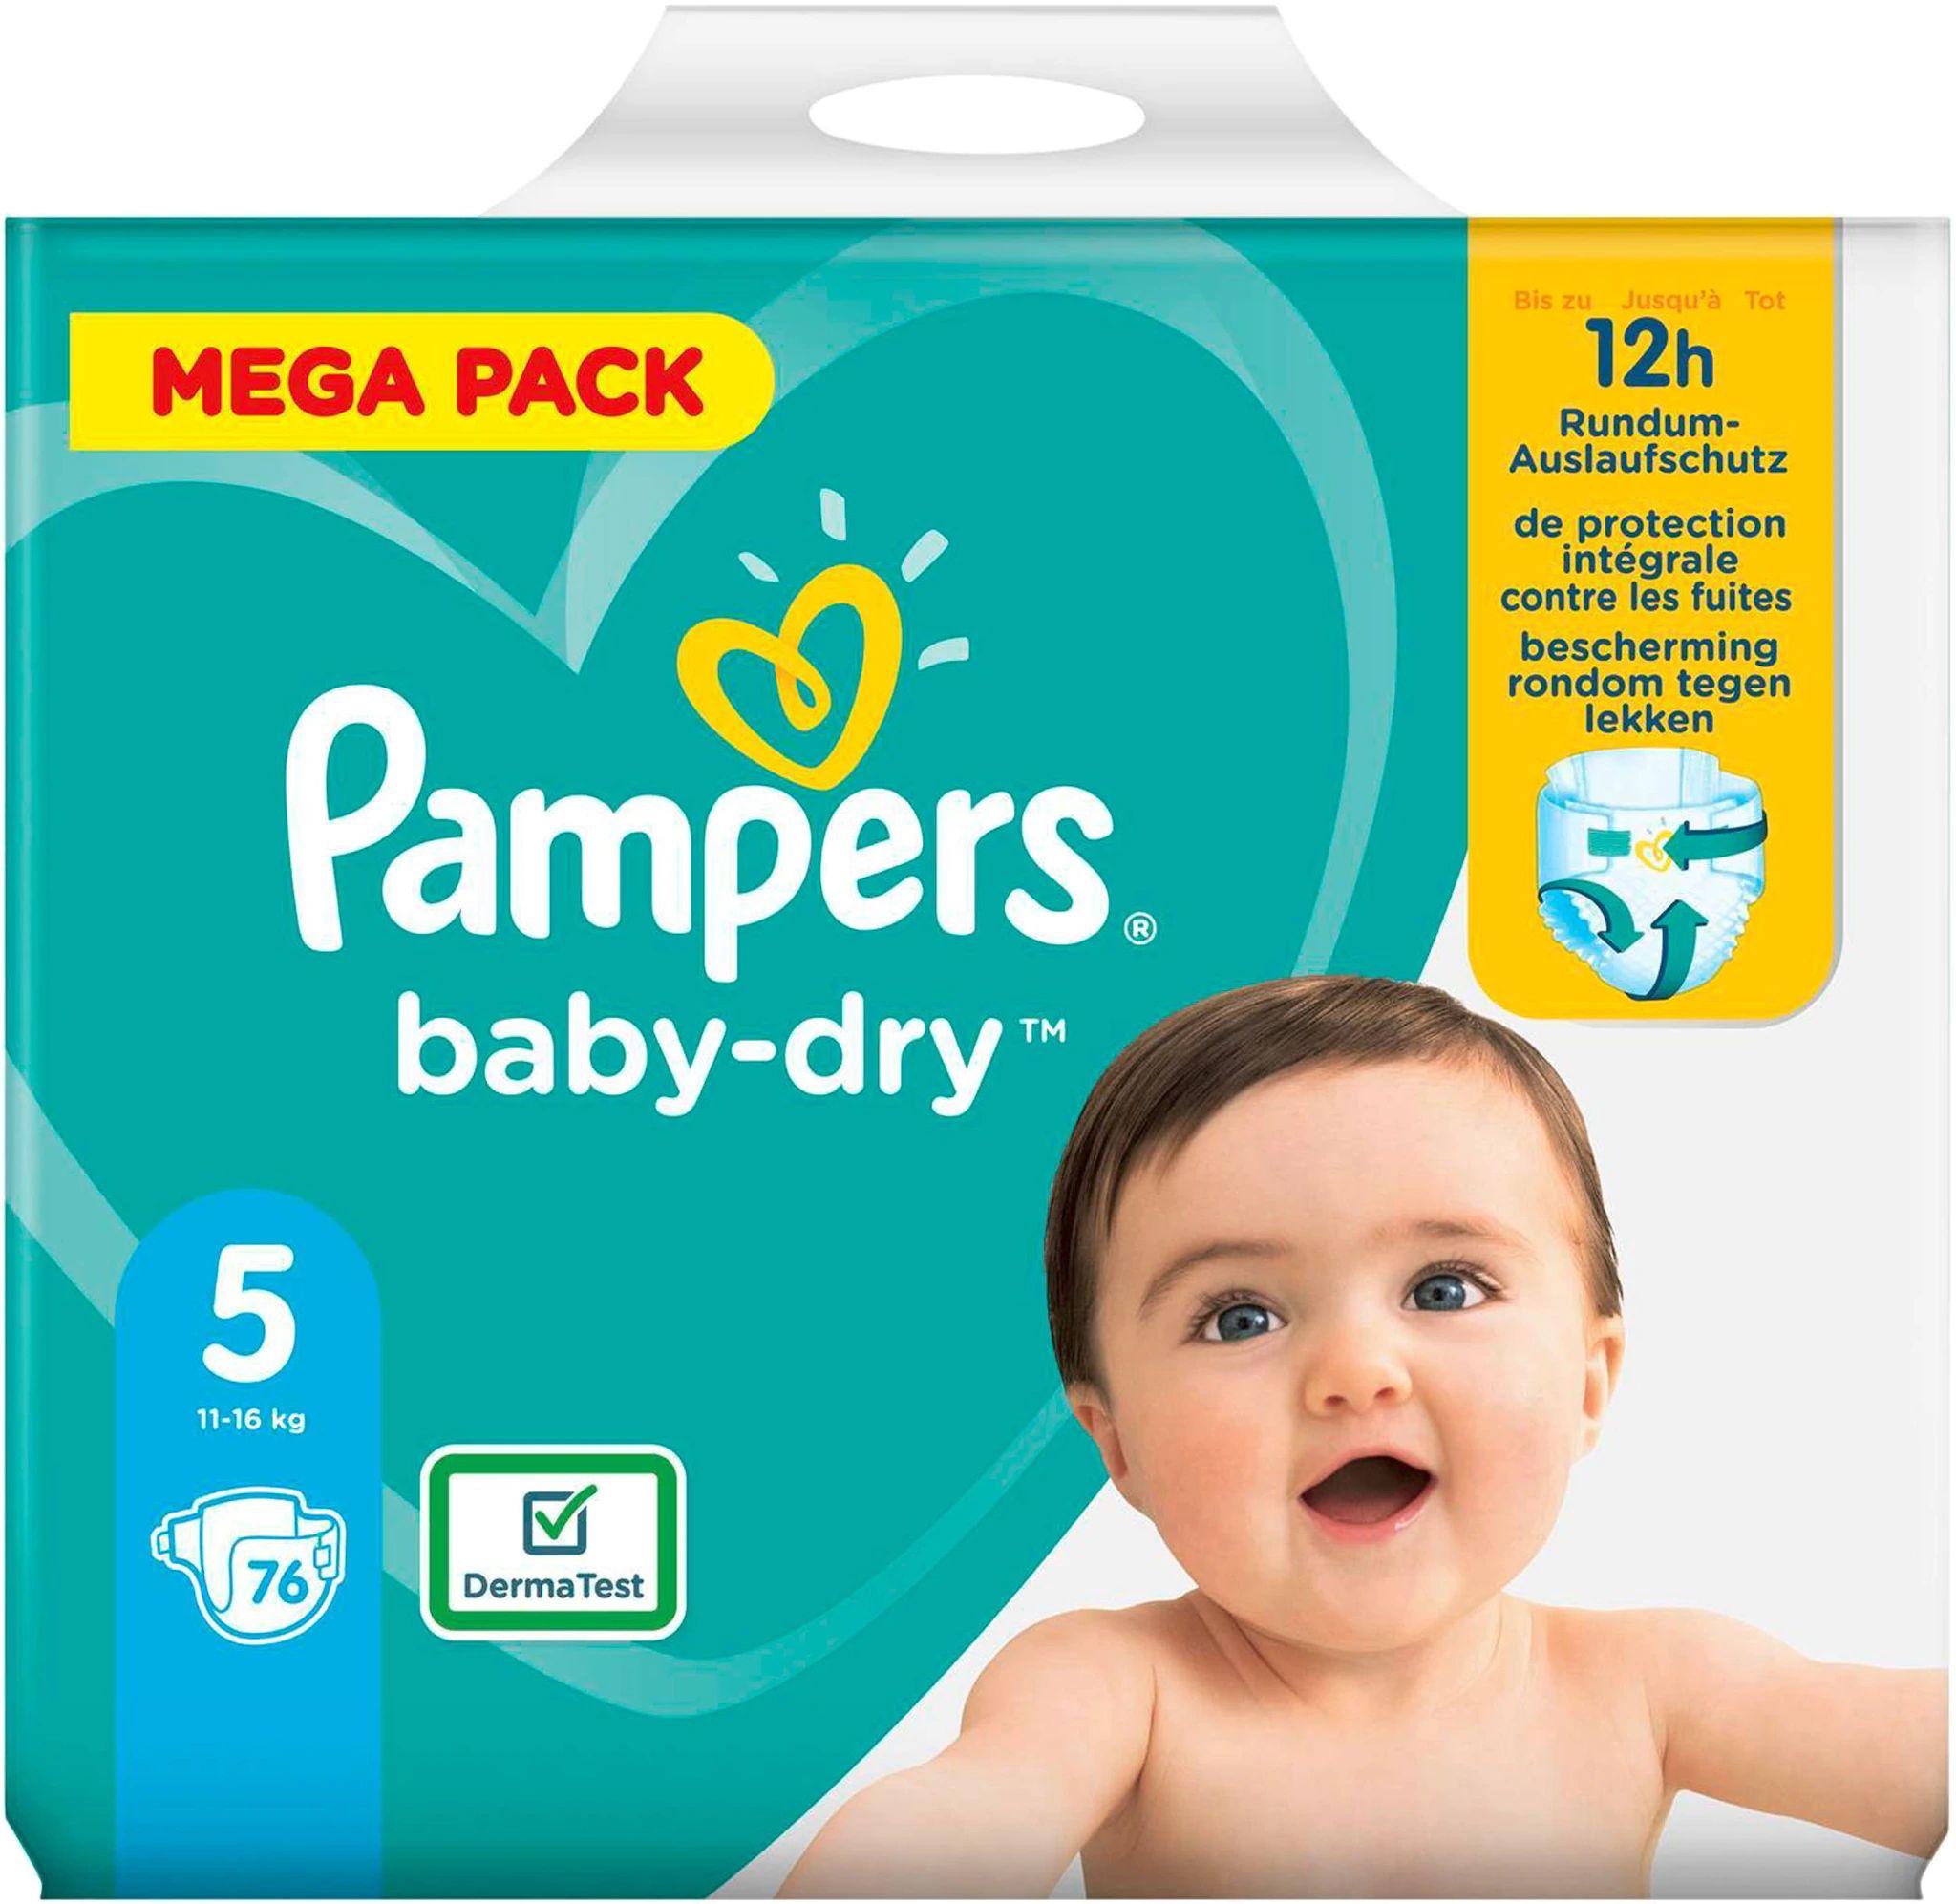 Pack de Couches Pampers Baby Dry - Tailles 3 à 5 (Via 15.90€ sur la carte fidélité)